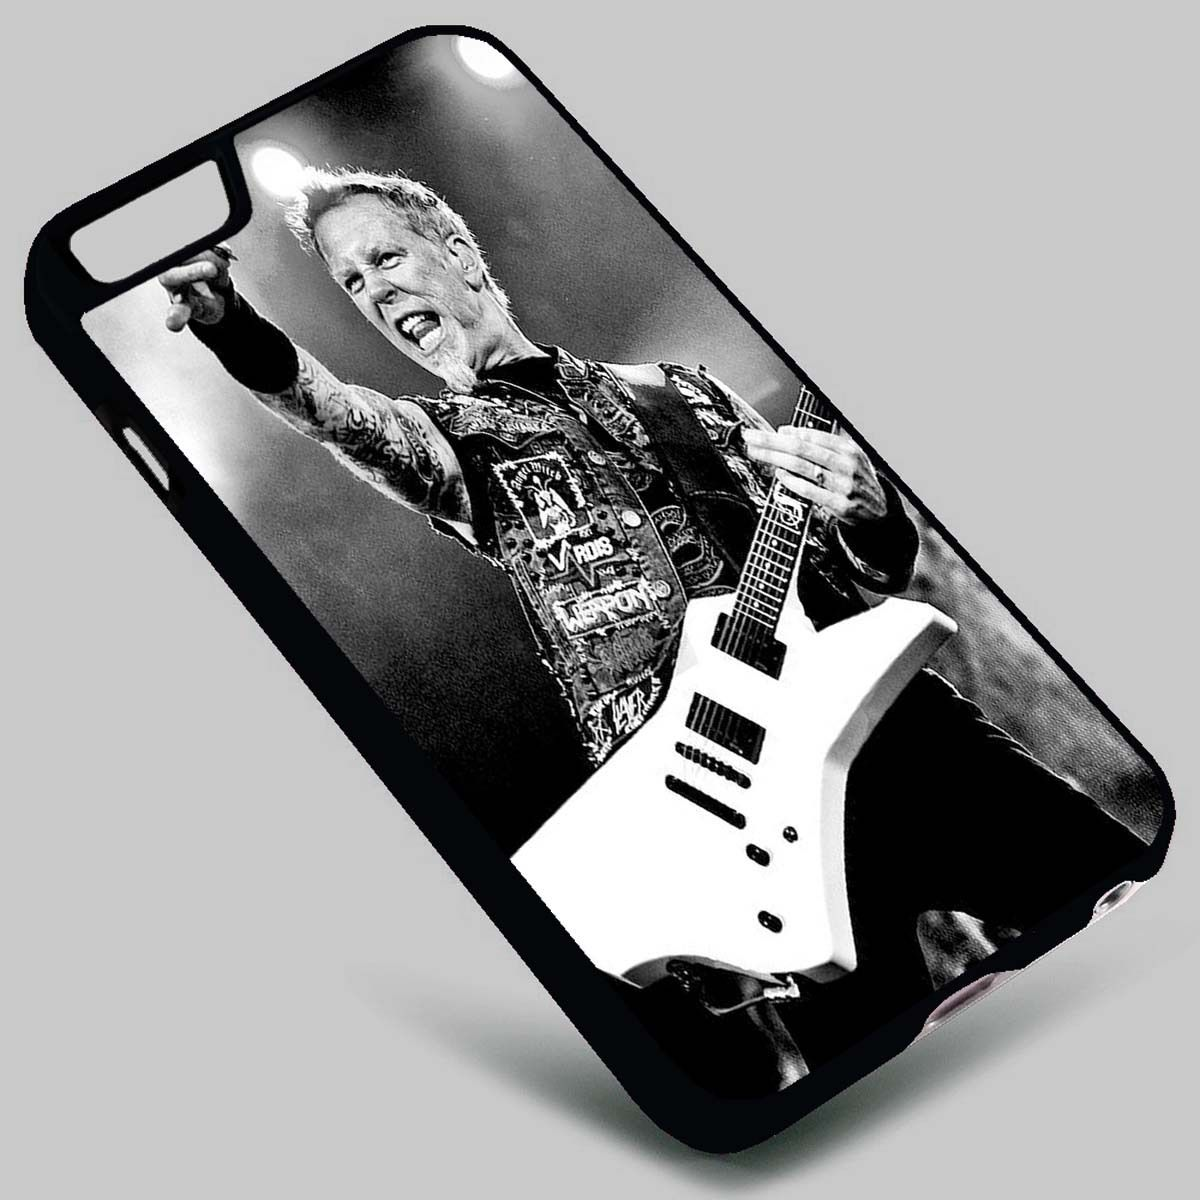 James Hetfield Metallica Iphone 4 4s 5 5s 5c 6 6plus 7